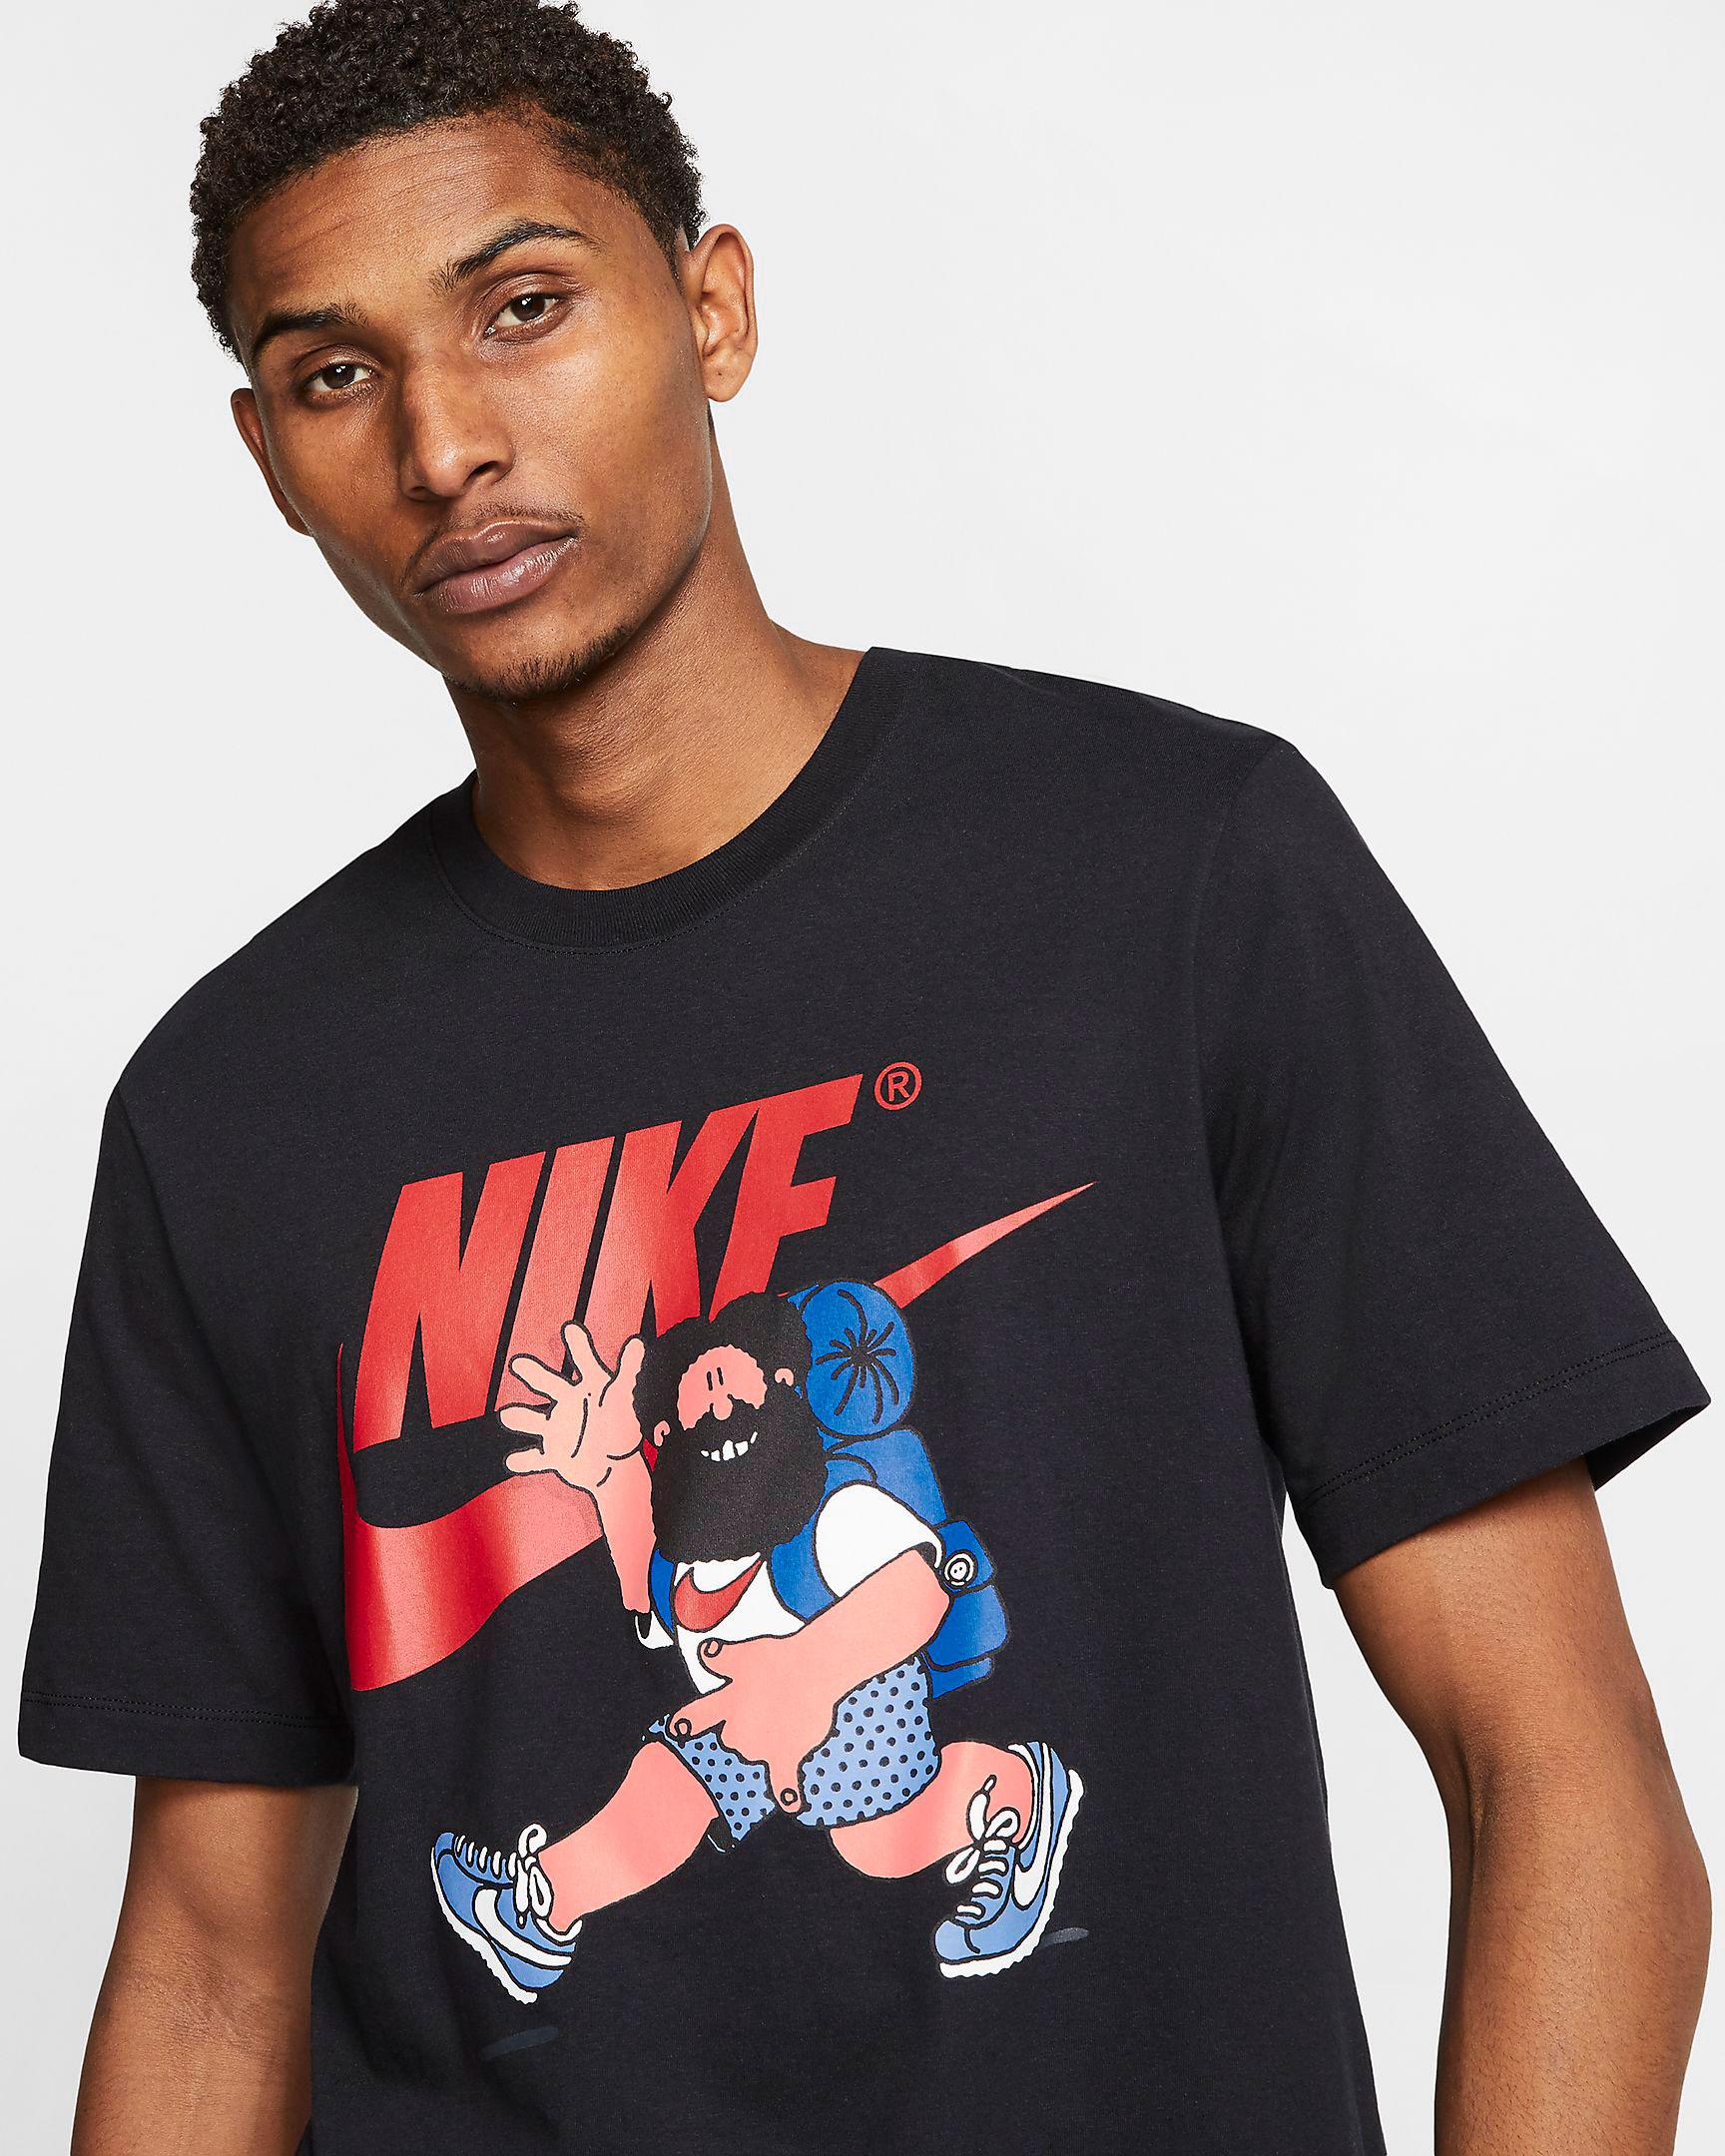 nike-hike-man-shirt-black